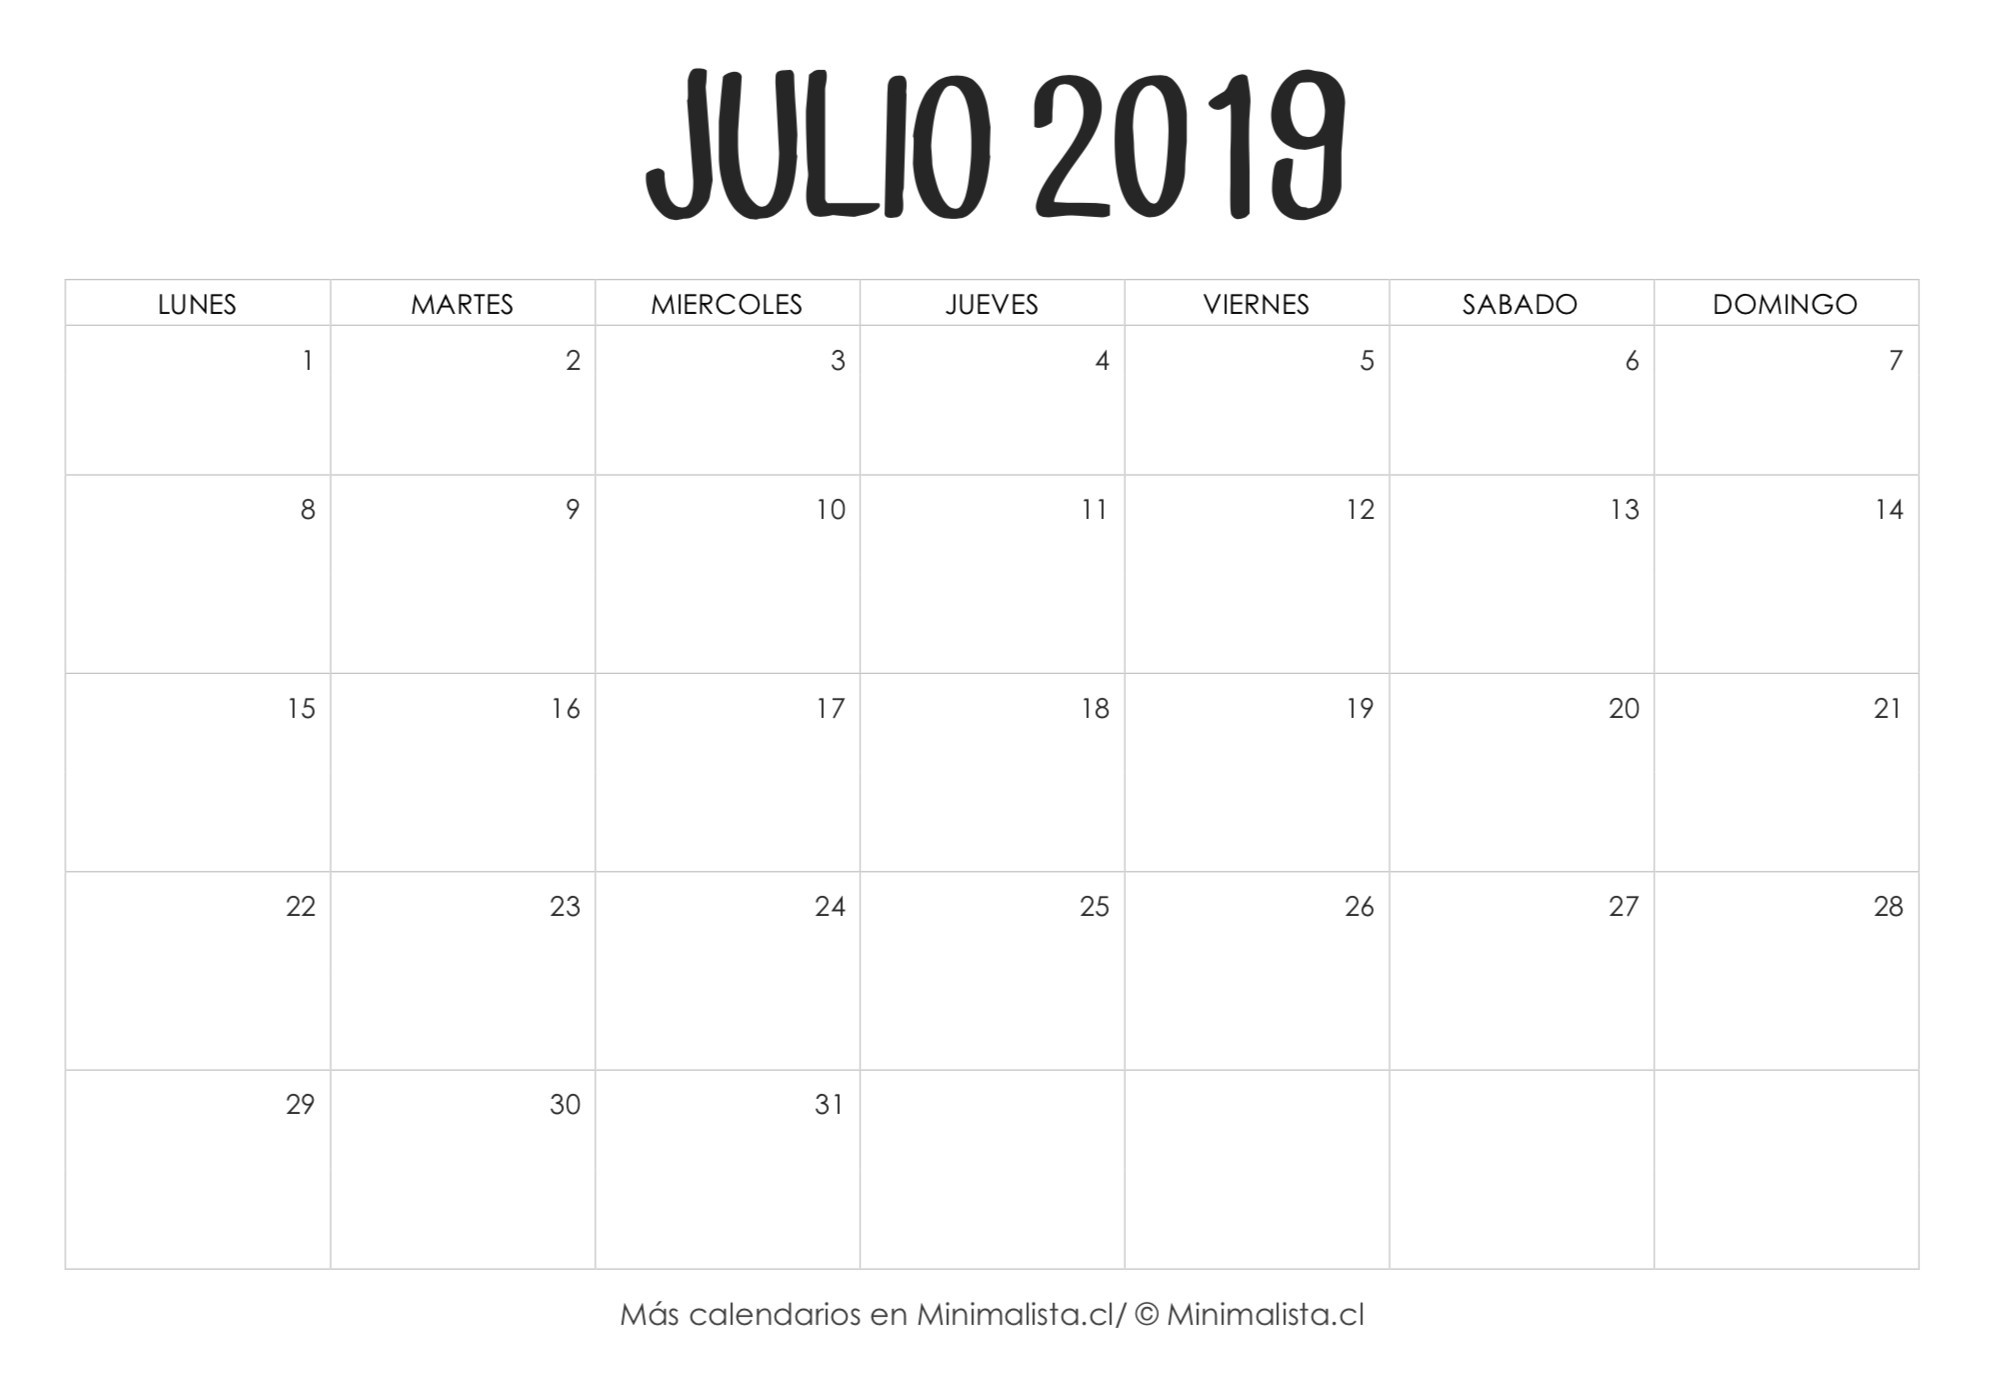 Hacer Calendario 2019 Más Actual Esto Es Exactamente Calendario 2019 Y 2019 Para Imprimir Of Hacer Calendario 2019 Más Reciente A Las Macros En Excel Nos Encontramos Ante El M³dulo 11 Macros